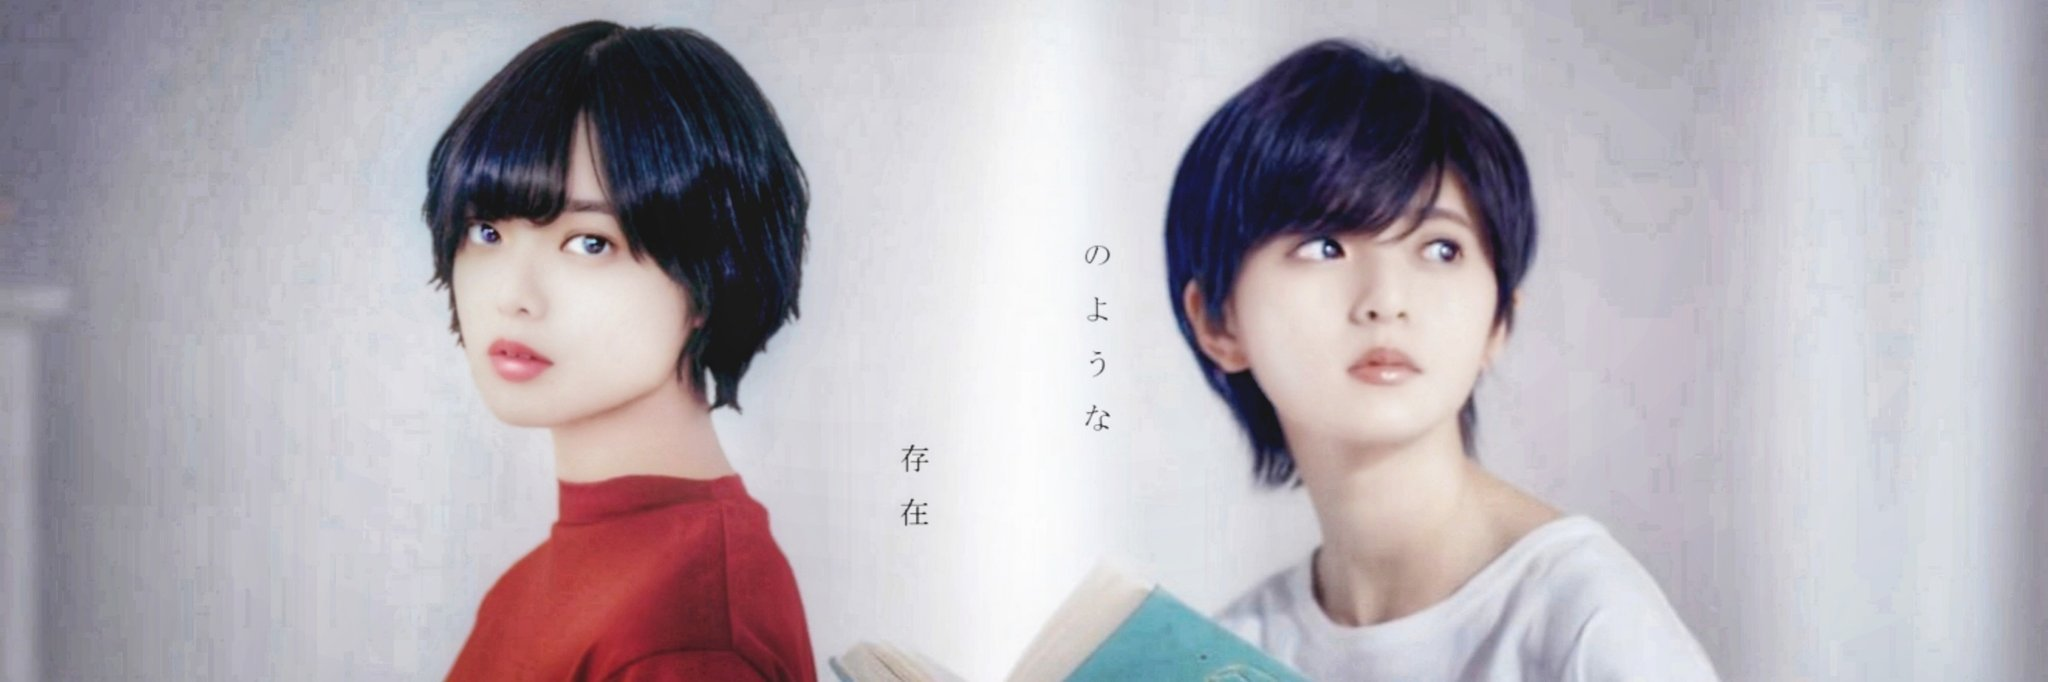 齋藤飛鳥って日本一の超絶小顔美少女で有名じゃん?ネタ抜きで今のハロプロ1の小顔って誰なの? ->画像>26枚